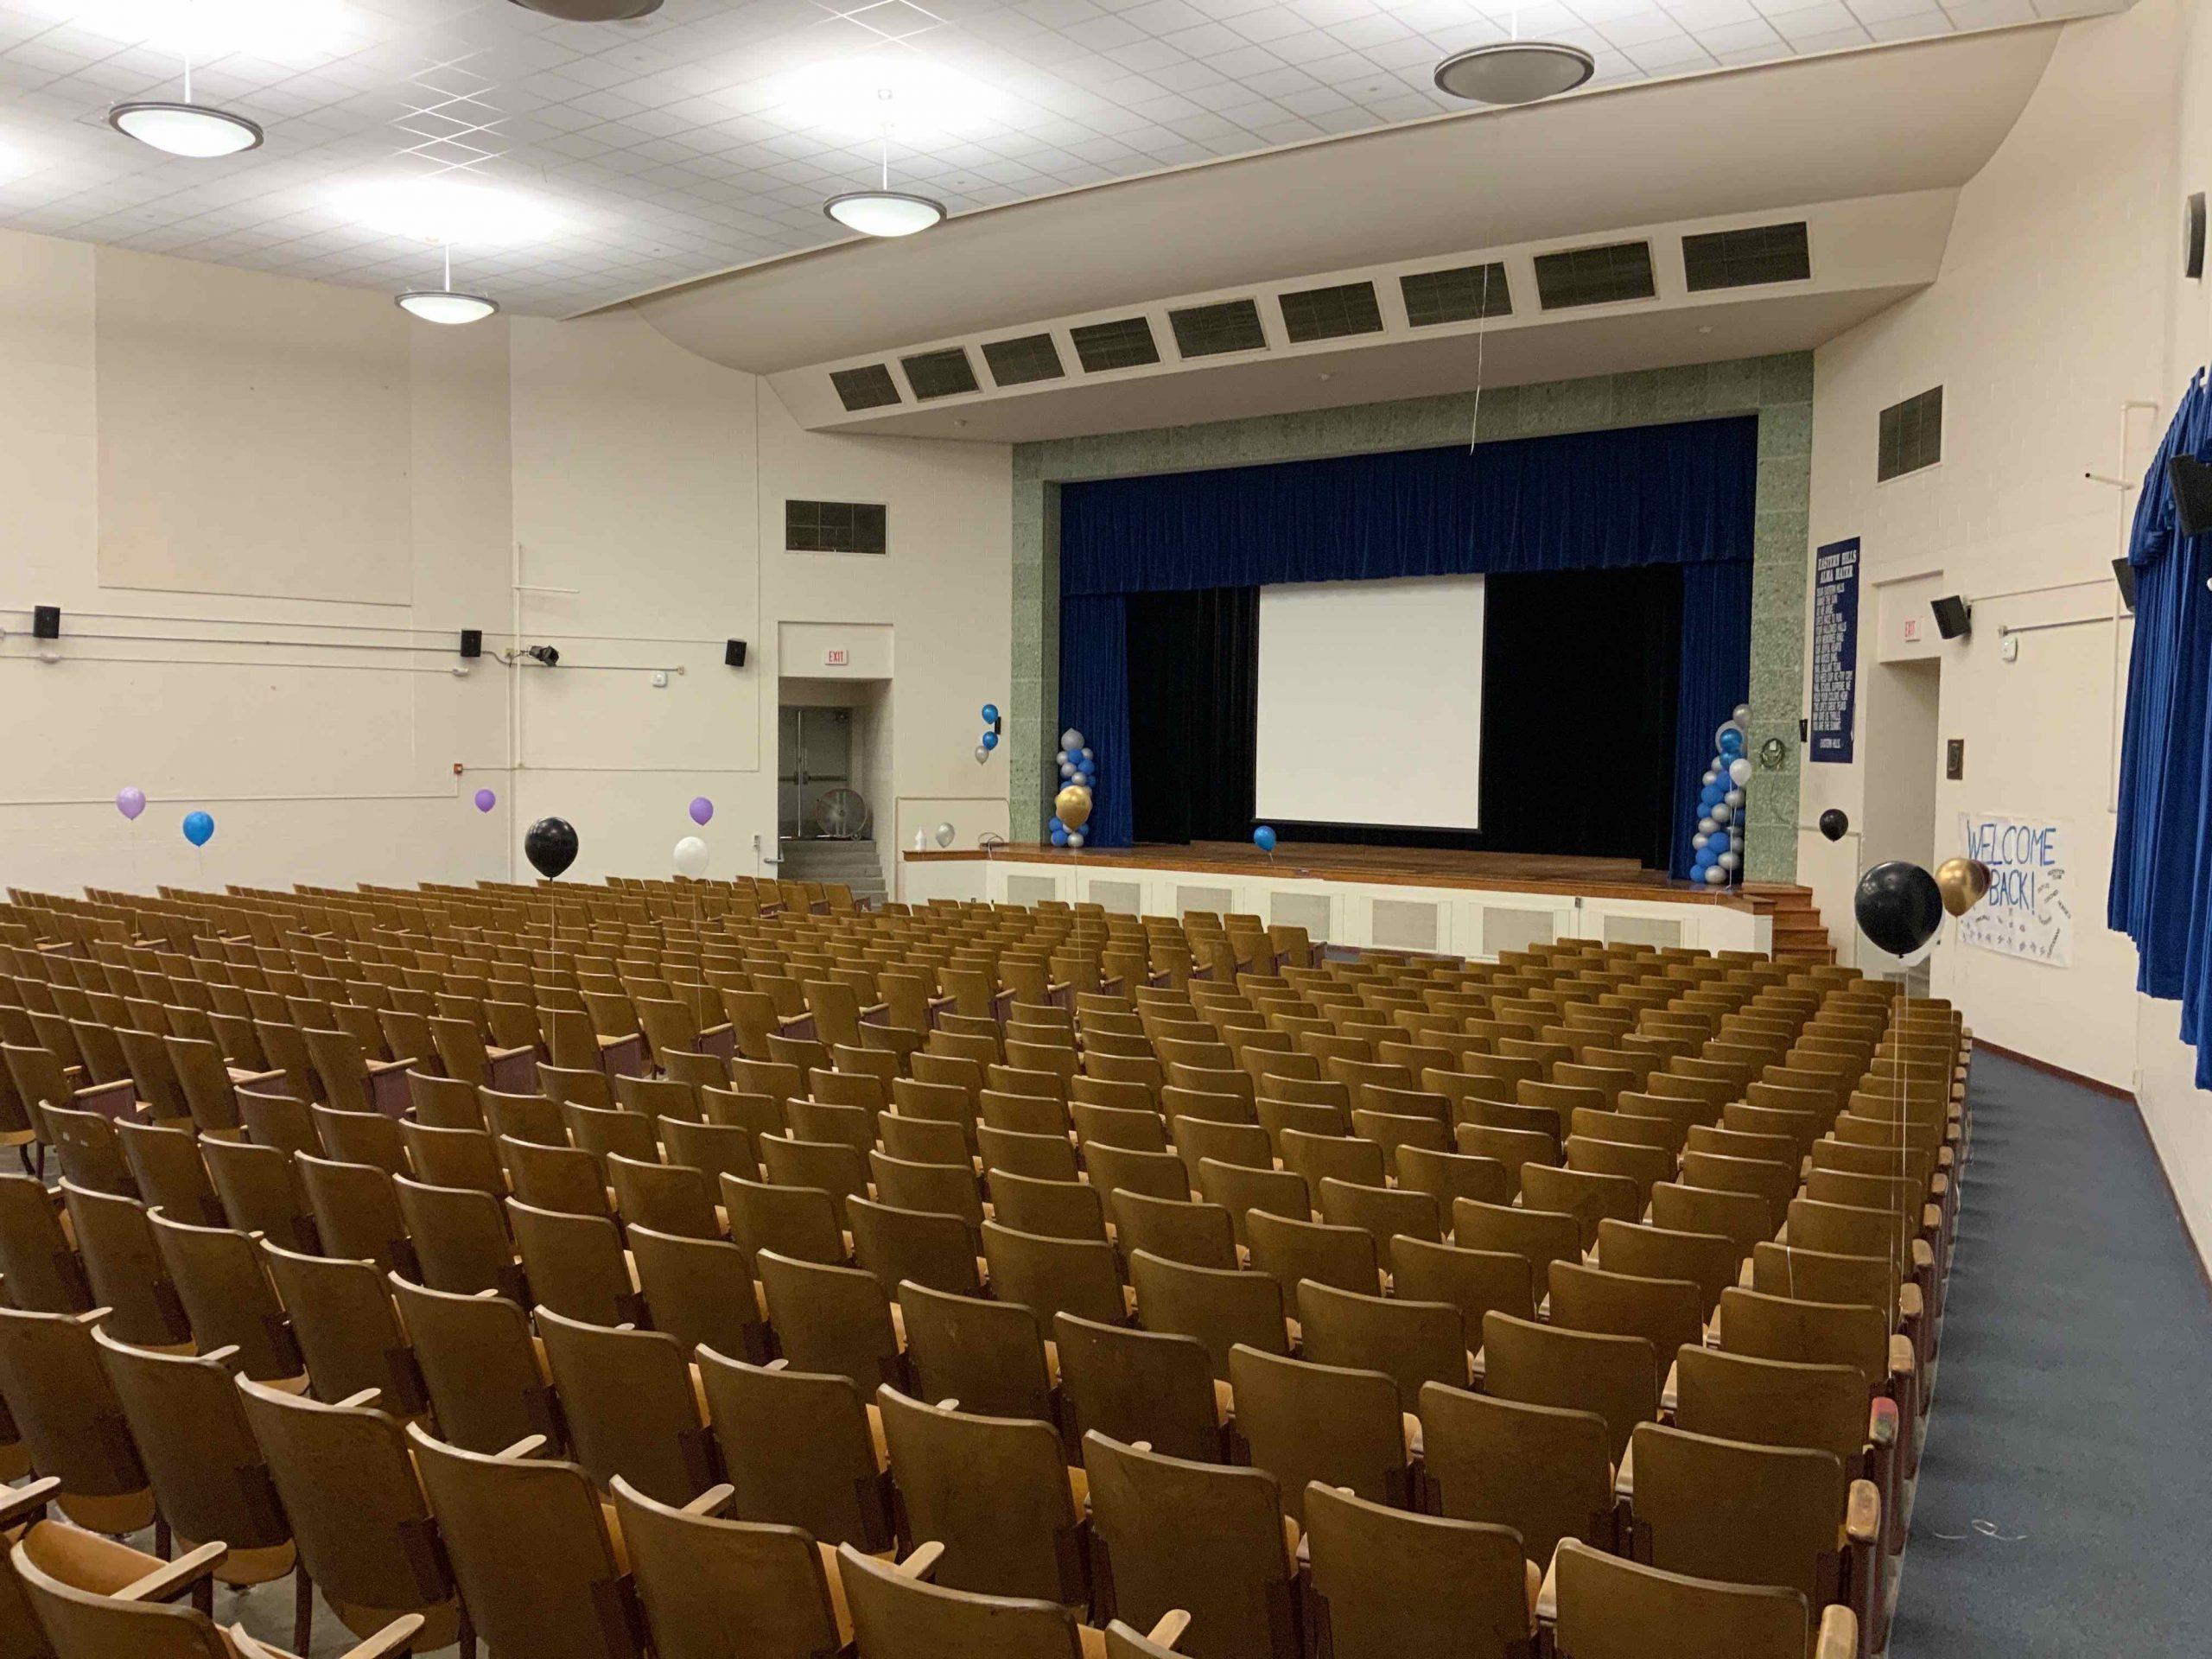 Auditorium Complete! image 0